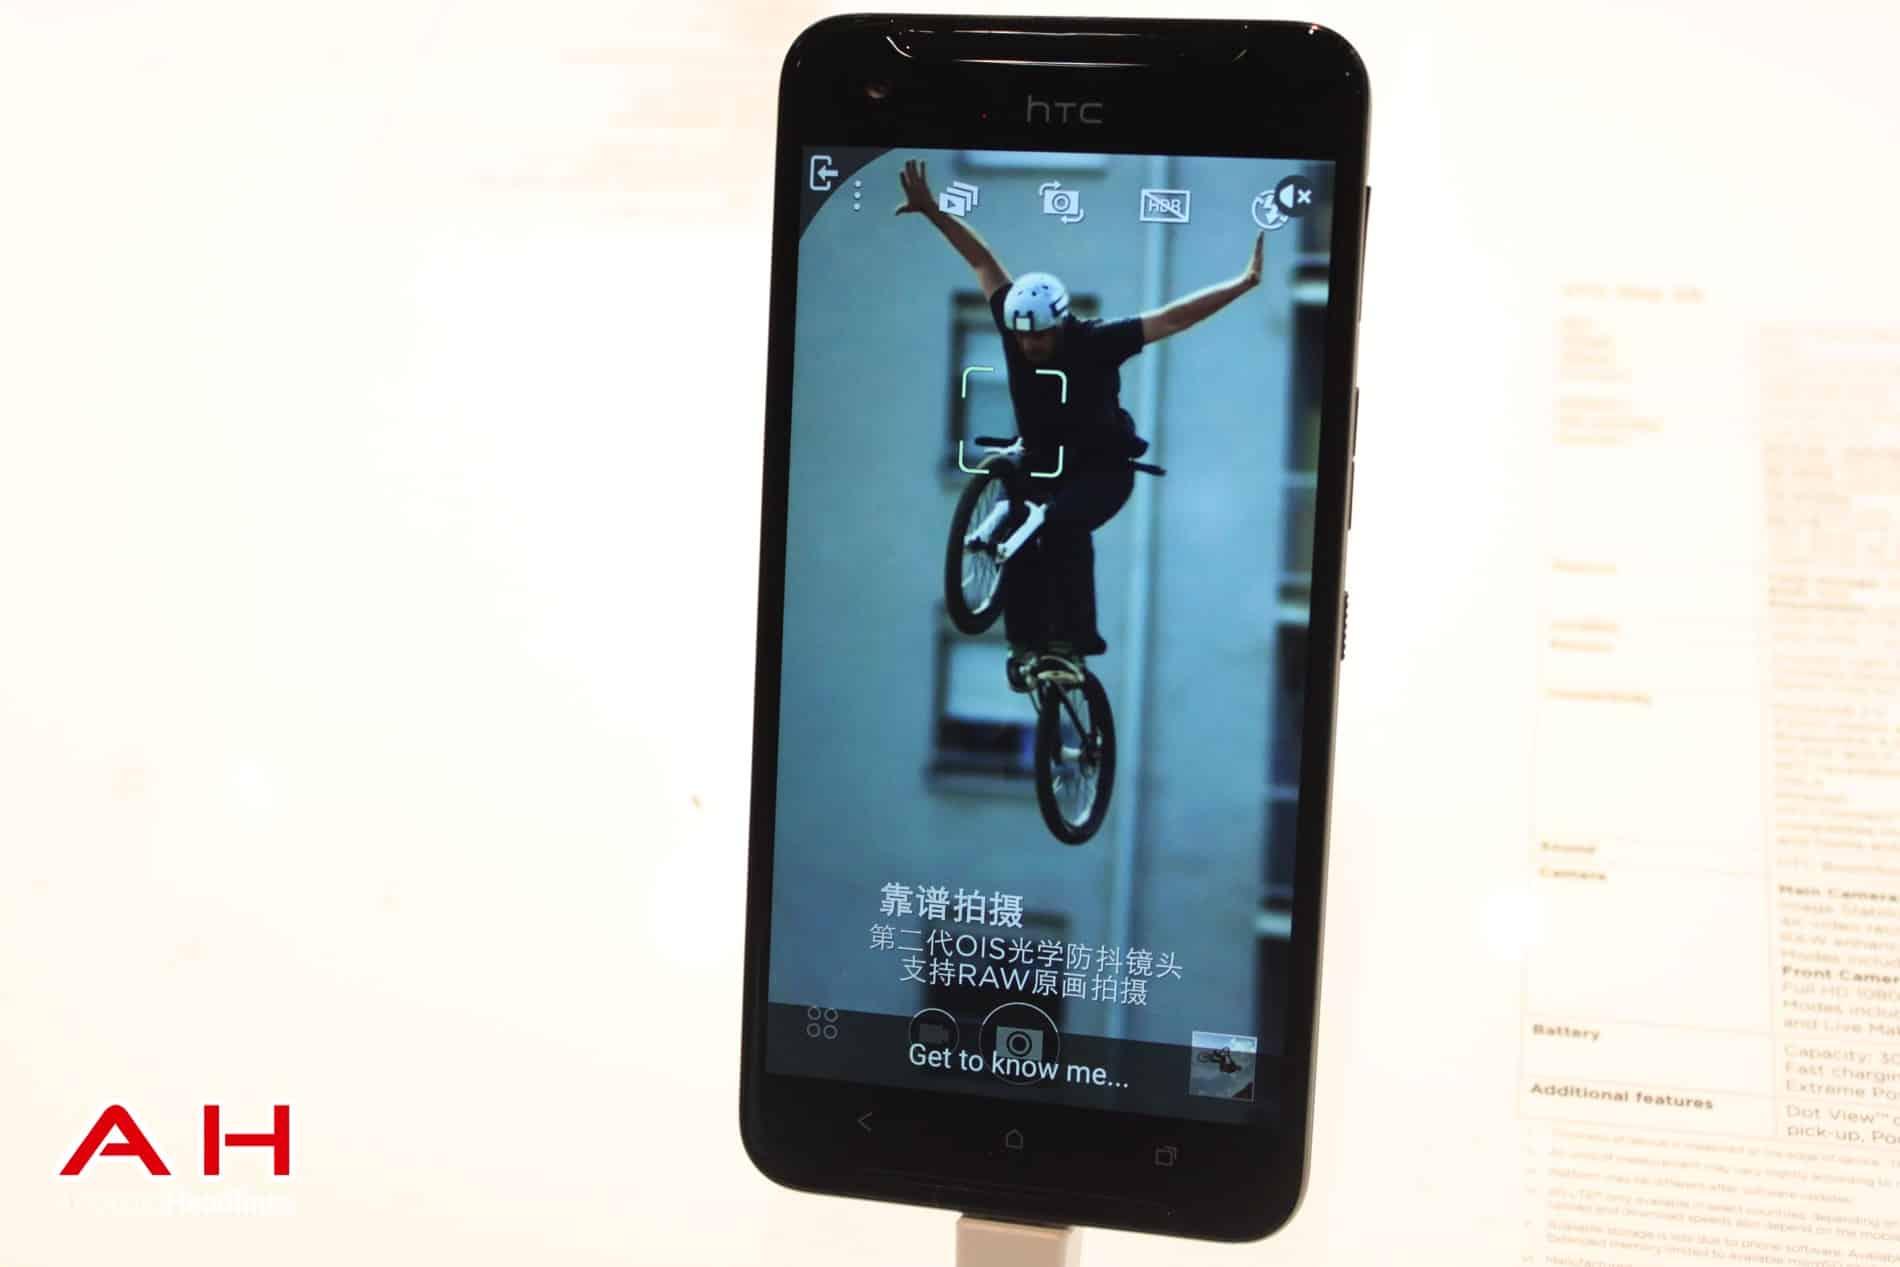 HTC One X9 MWC AH 02